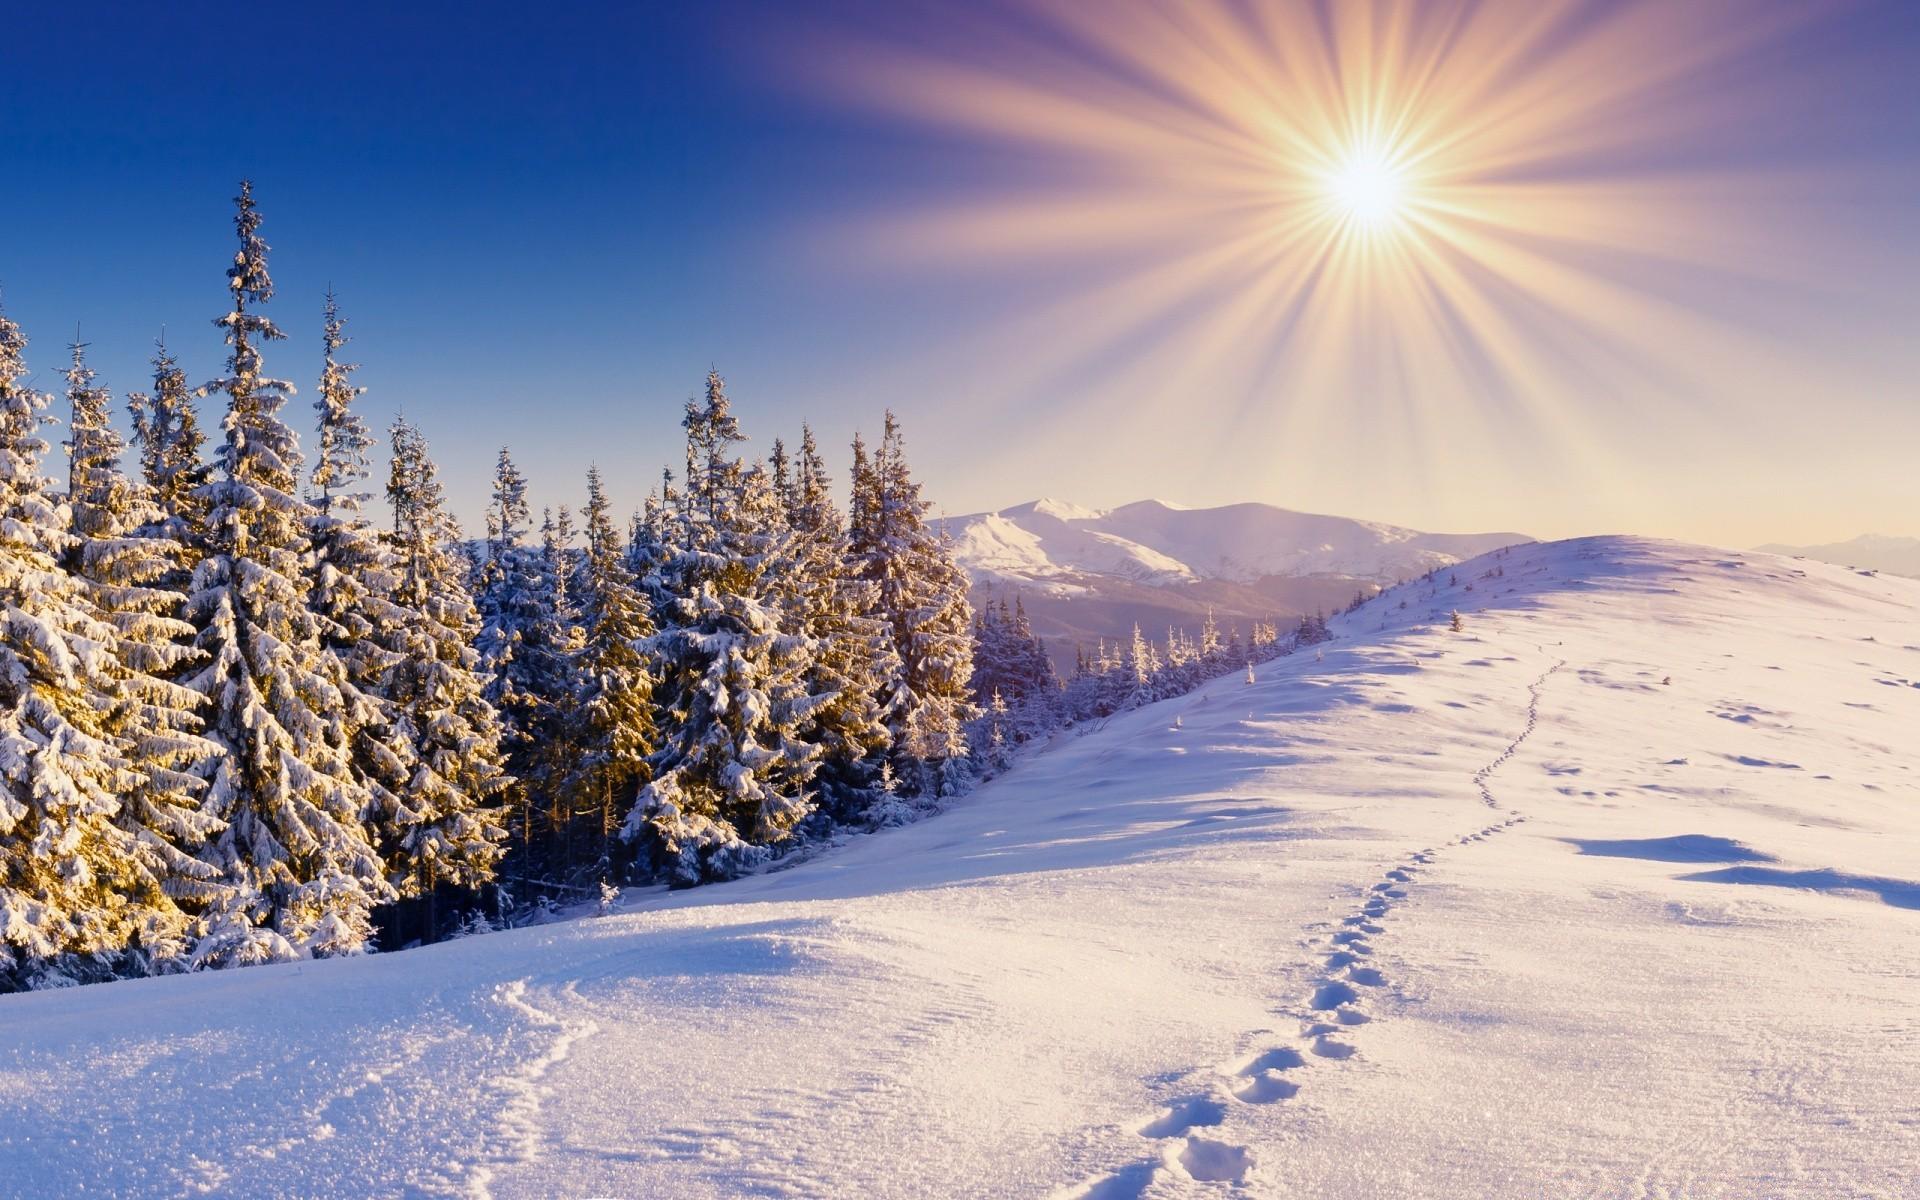 Красивые картинки на рабочий стол с зимой